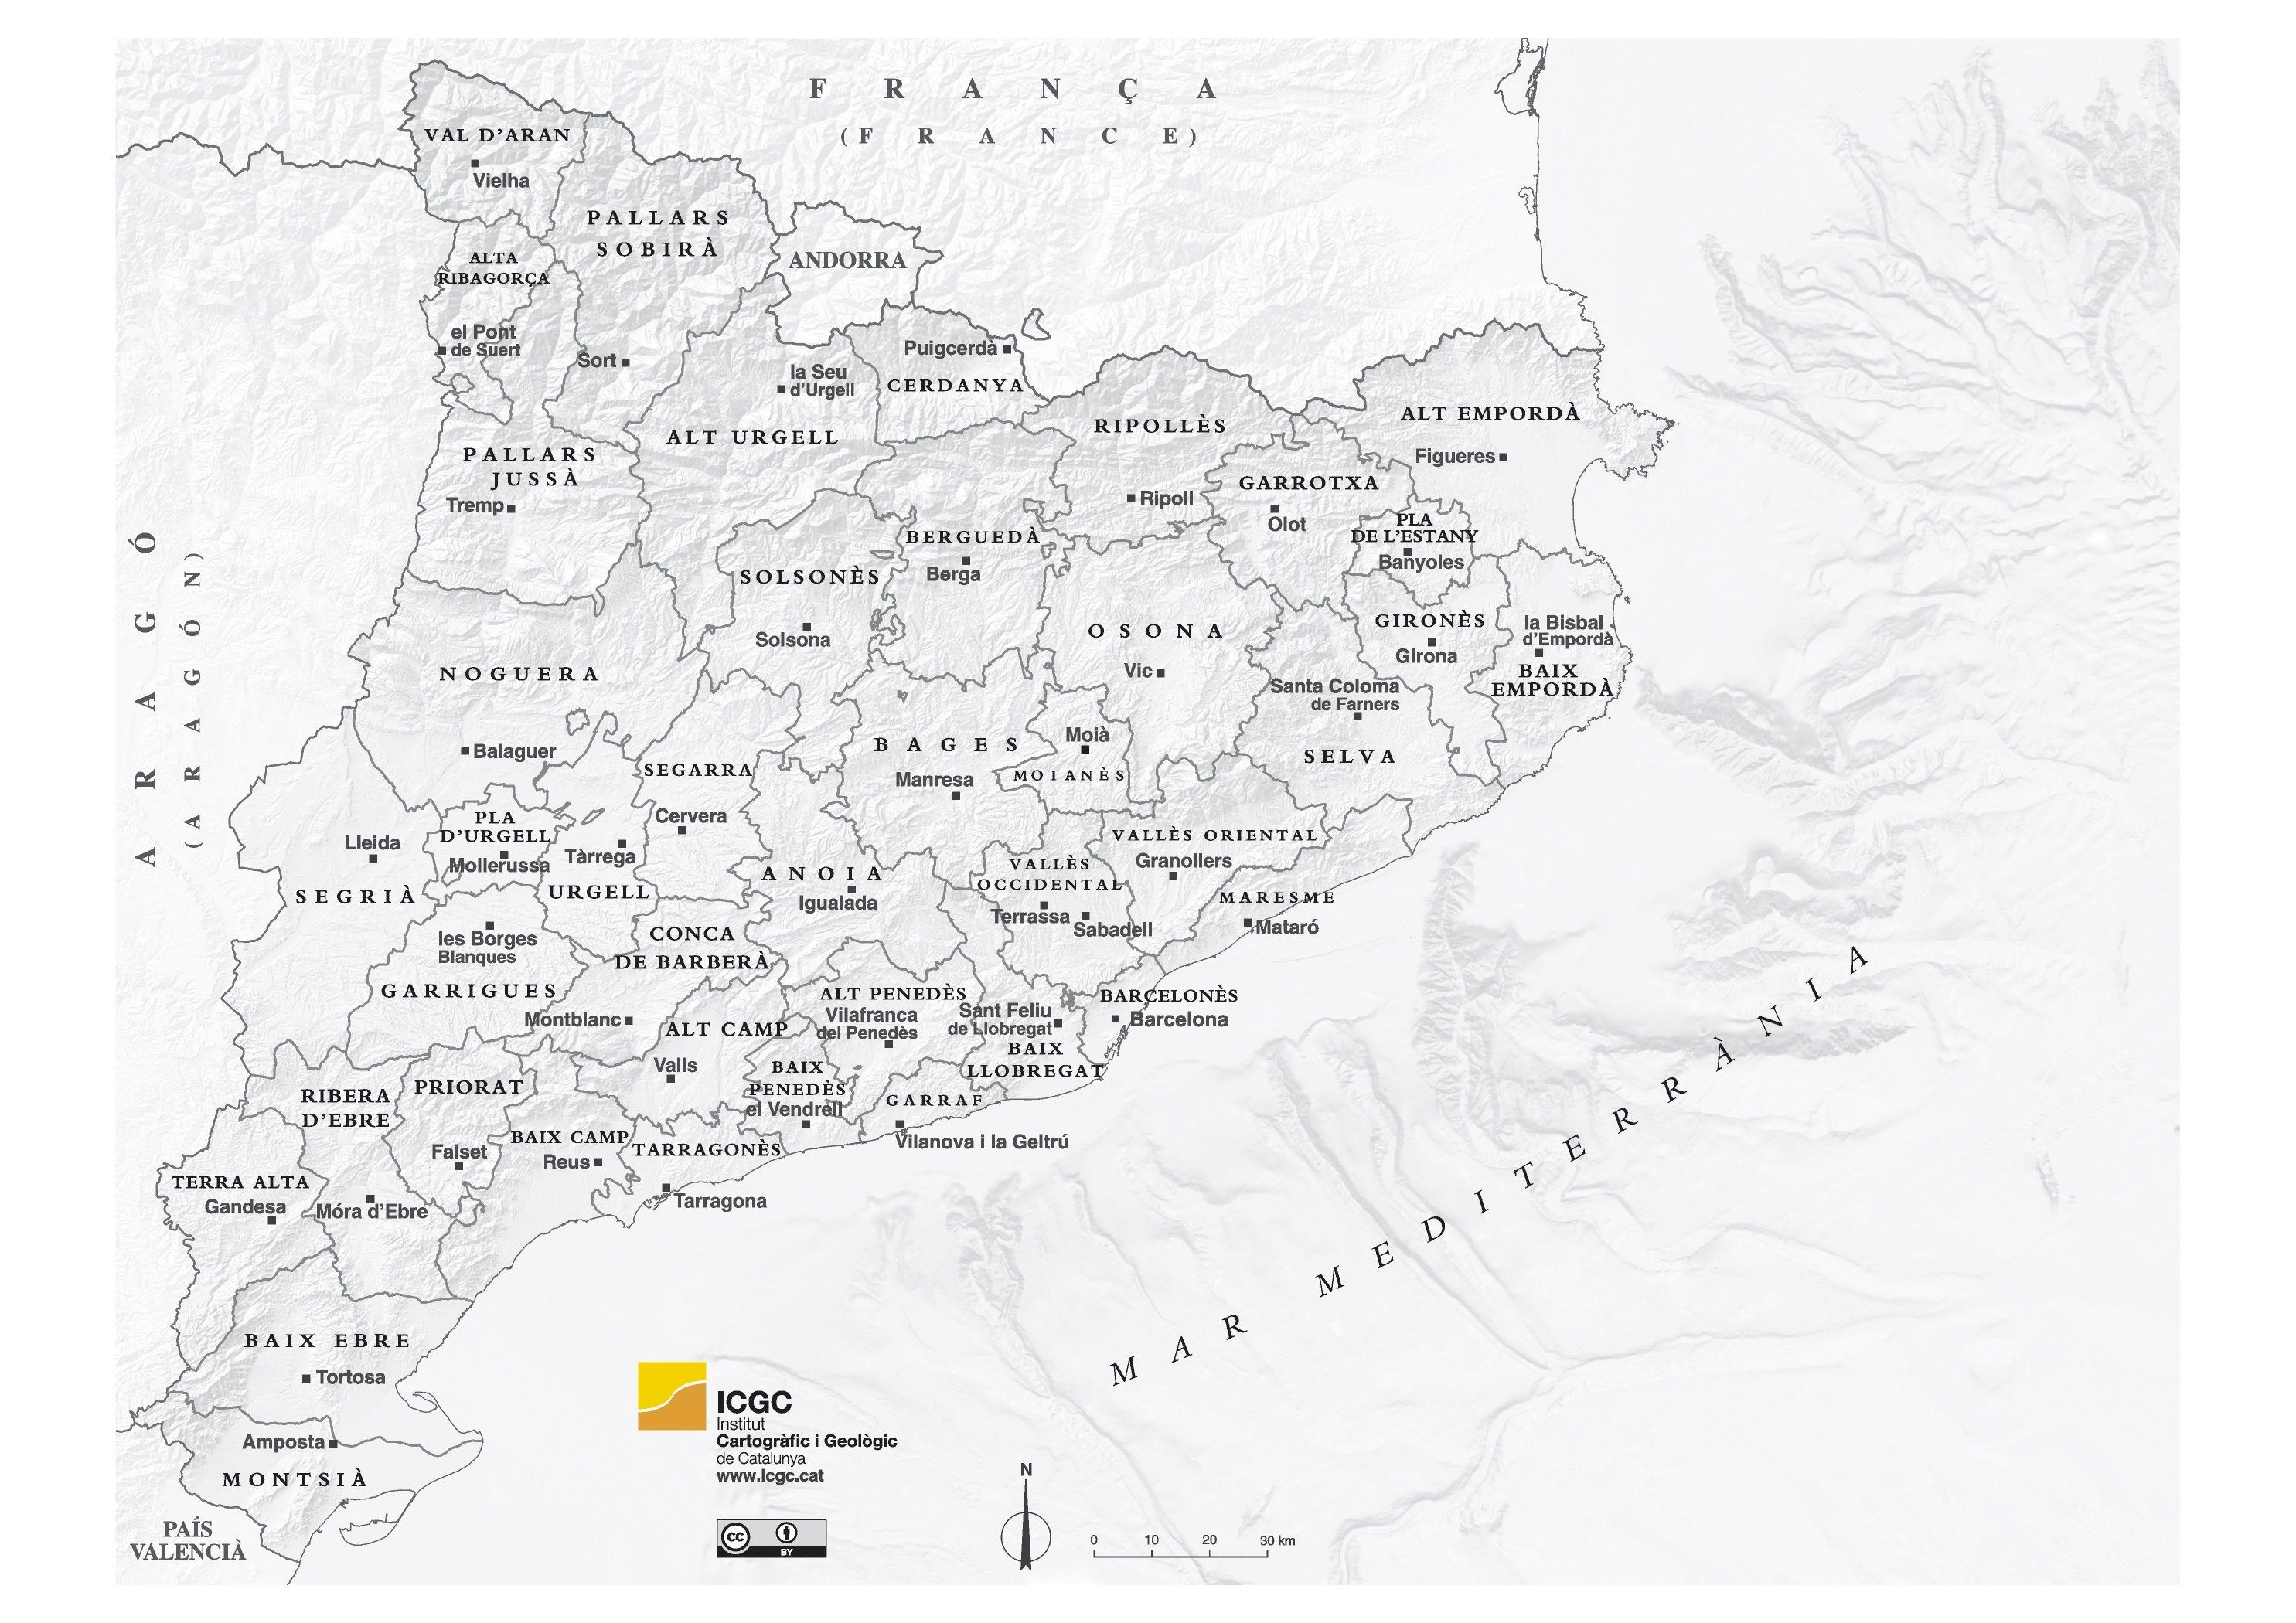 Mapa Comarcal De Catalunya Amb Els Noms De Les Capitals De Cada Comarca Mapas Emporda